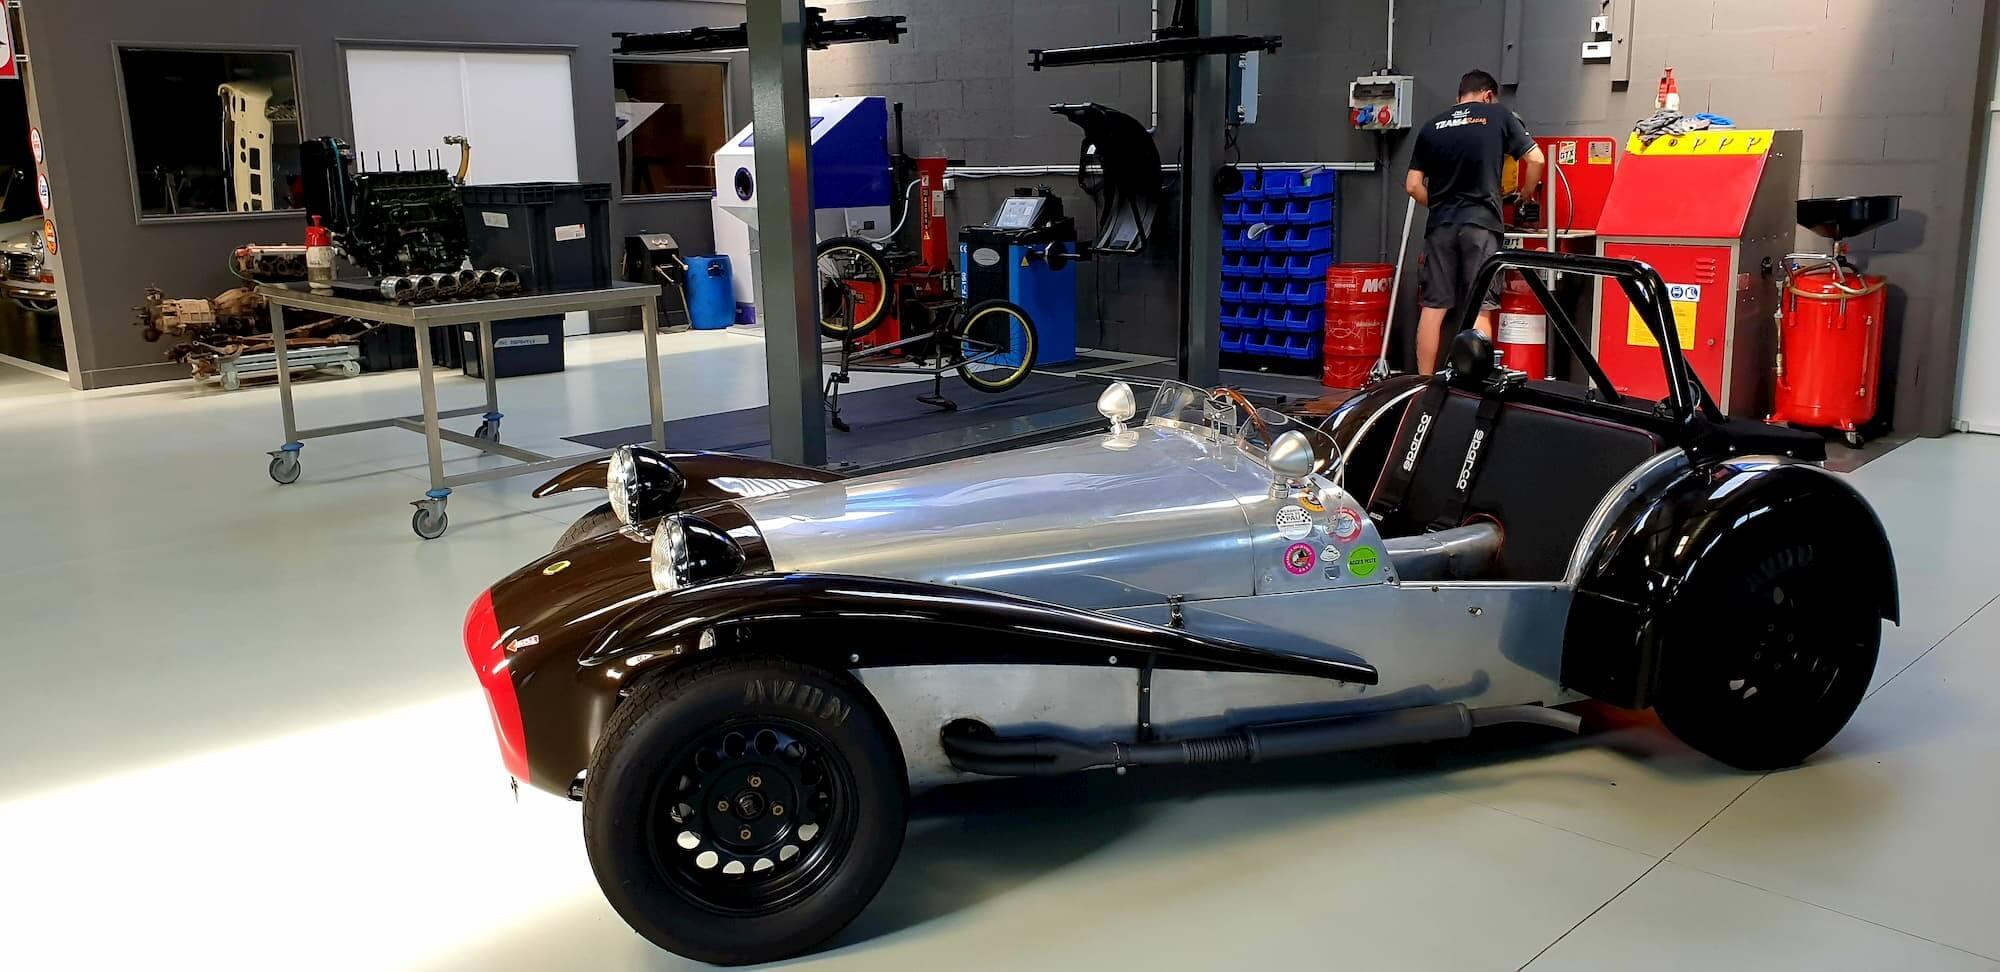 Lotus seven dans l'atelier mécanique du Garage des Damiers - compétition automobile